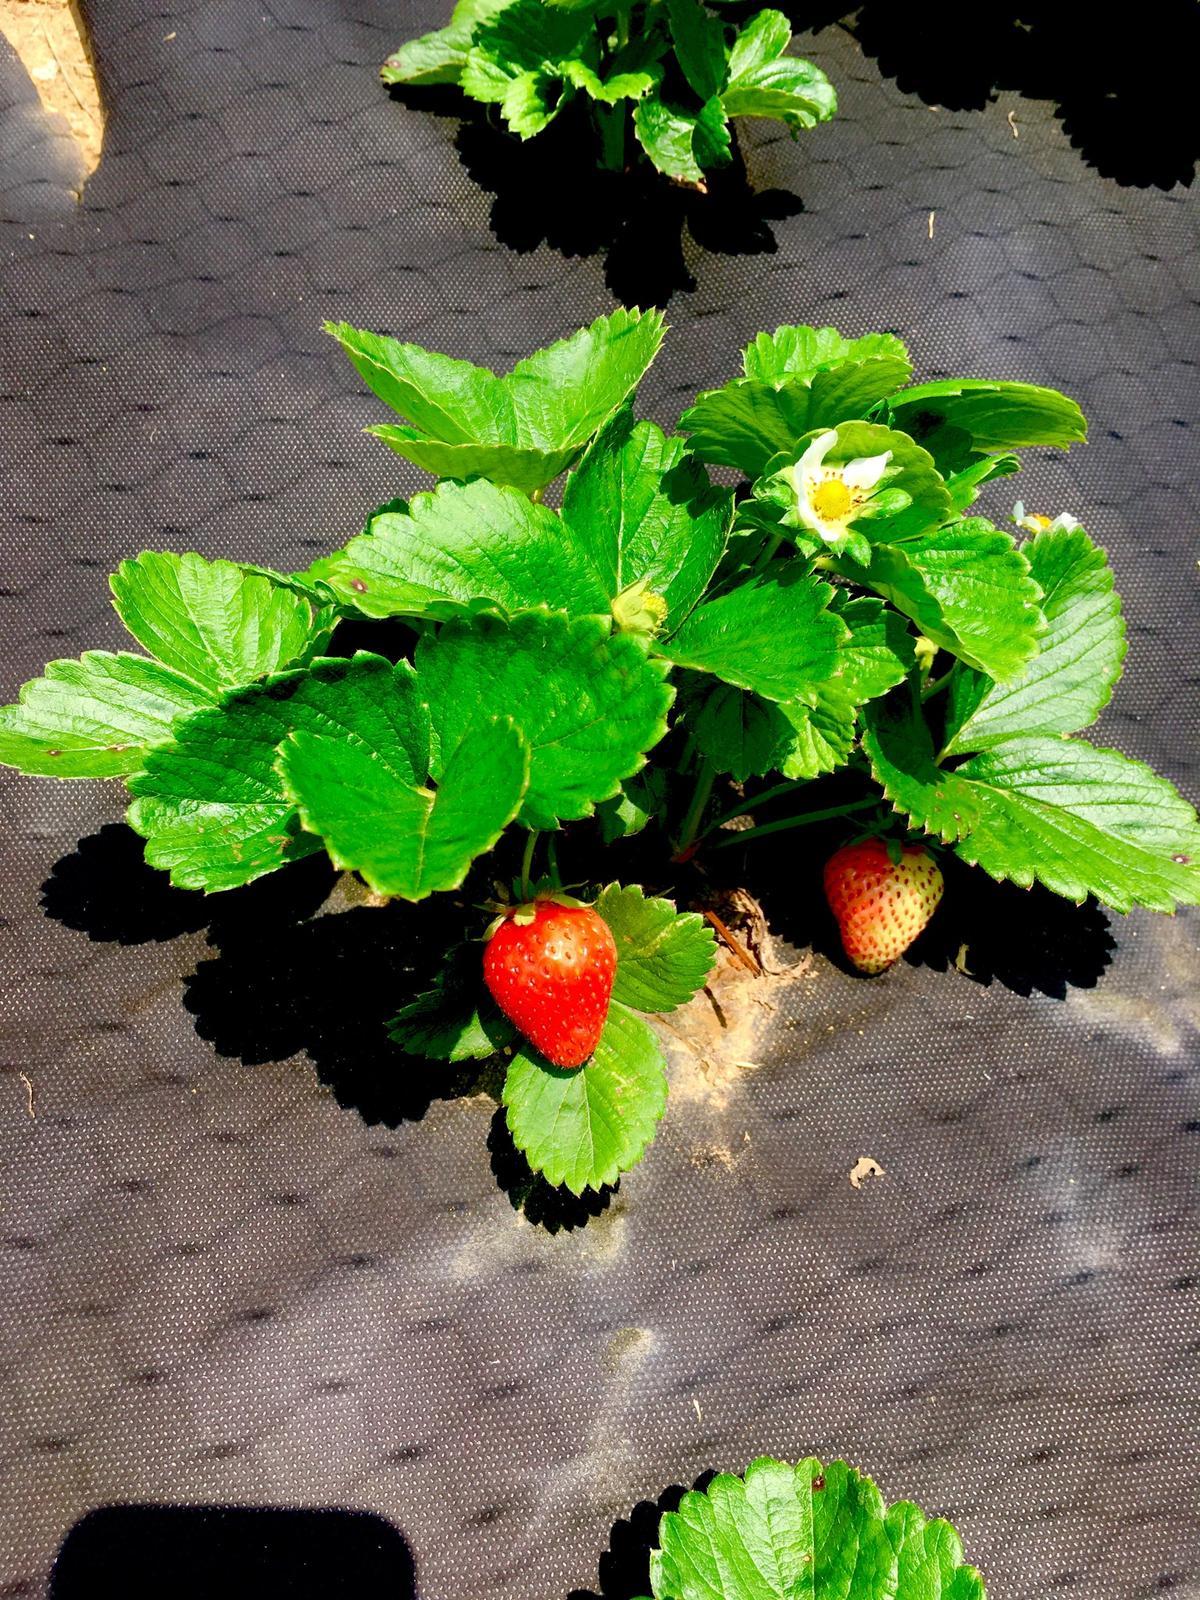 Skřítčí zahrada 2015 - 2020 - Červenec 2019 - tak nakonec ještě nějaké jahody budou